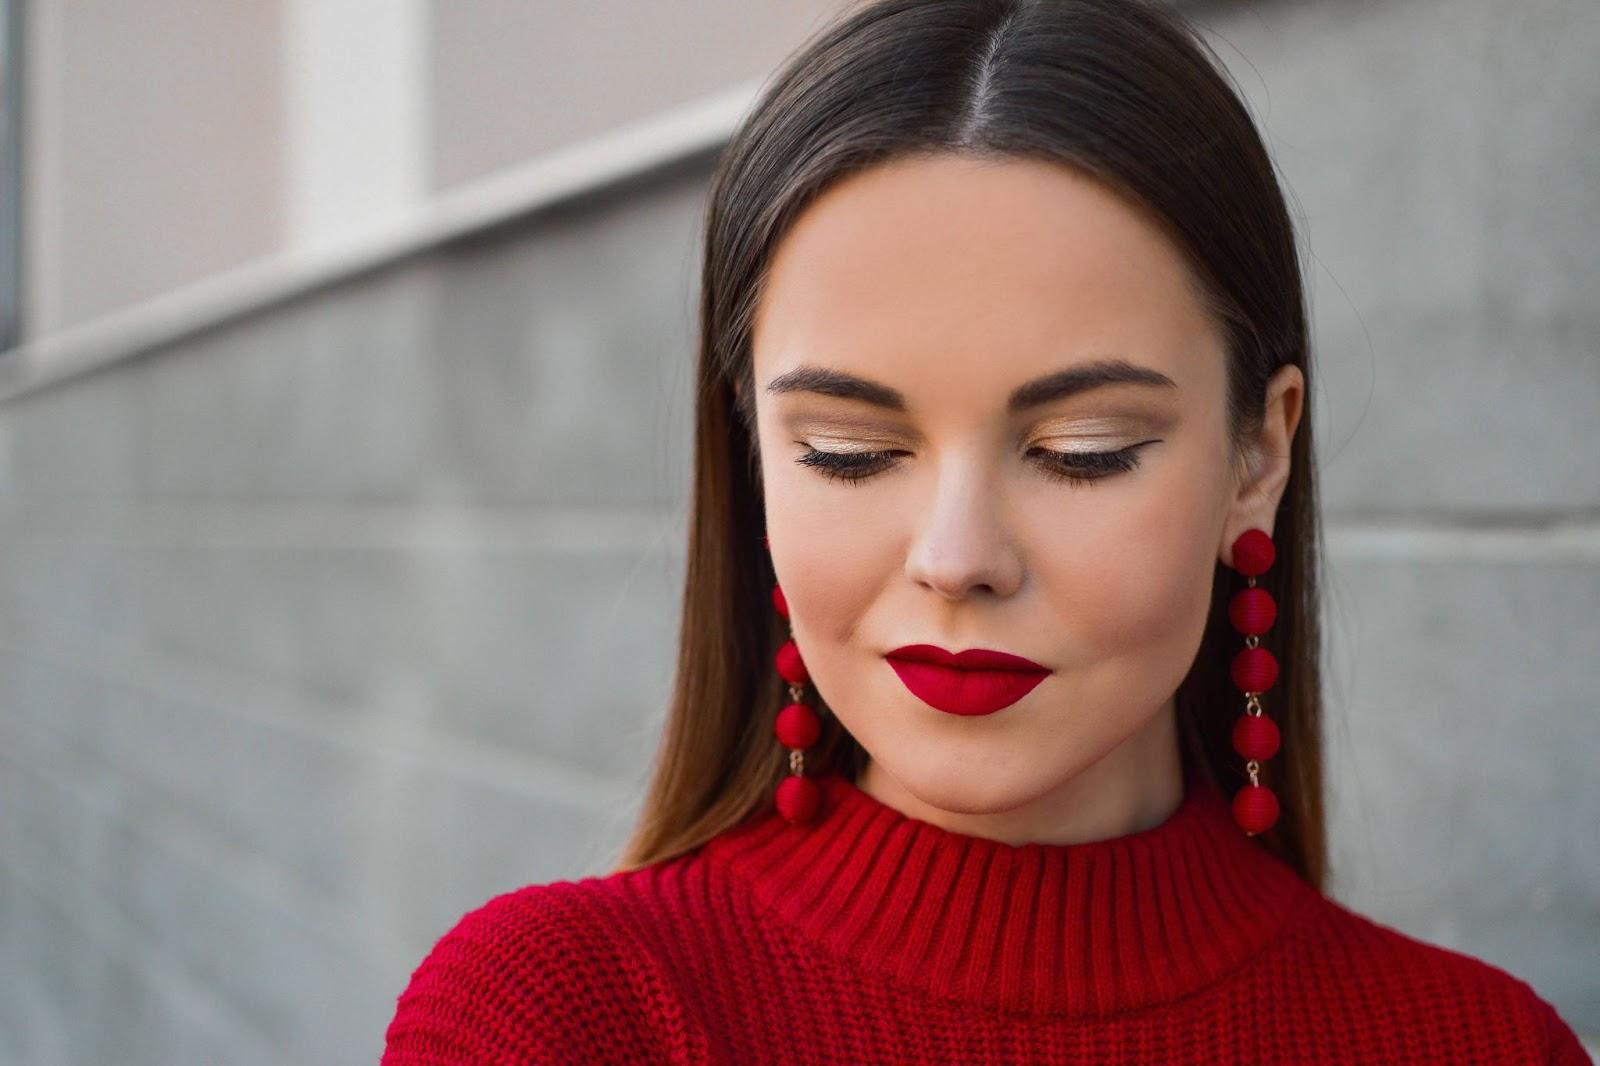 donna-rossetto-rosso-orecchini-rossi